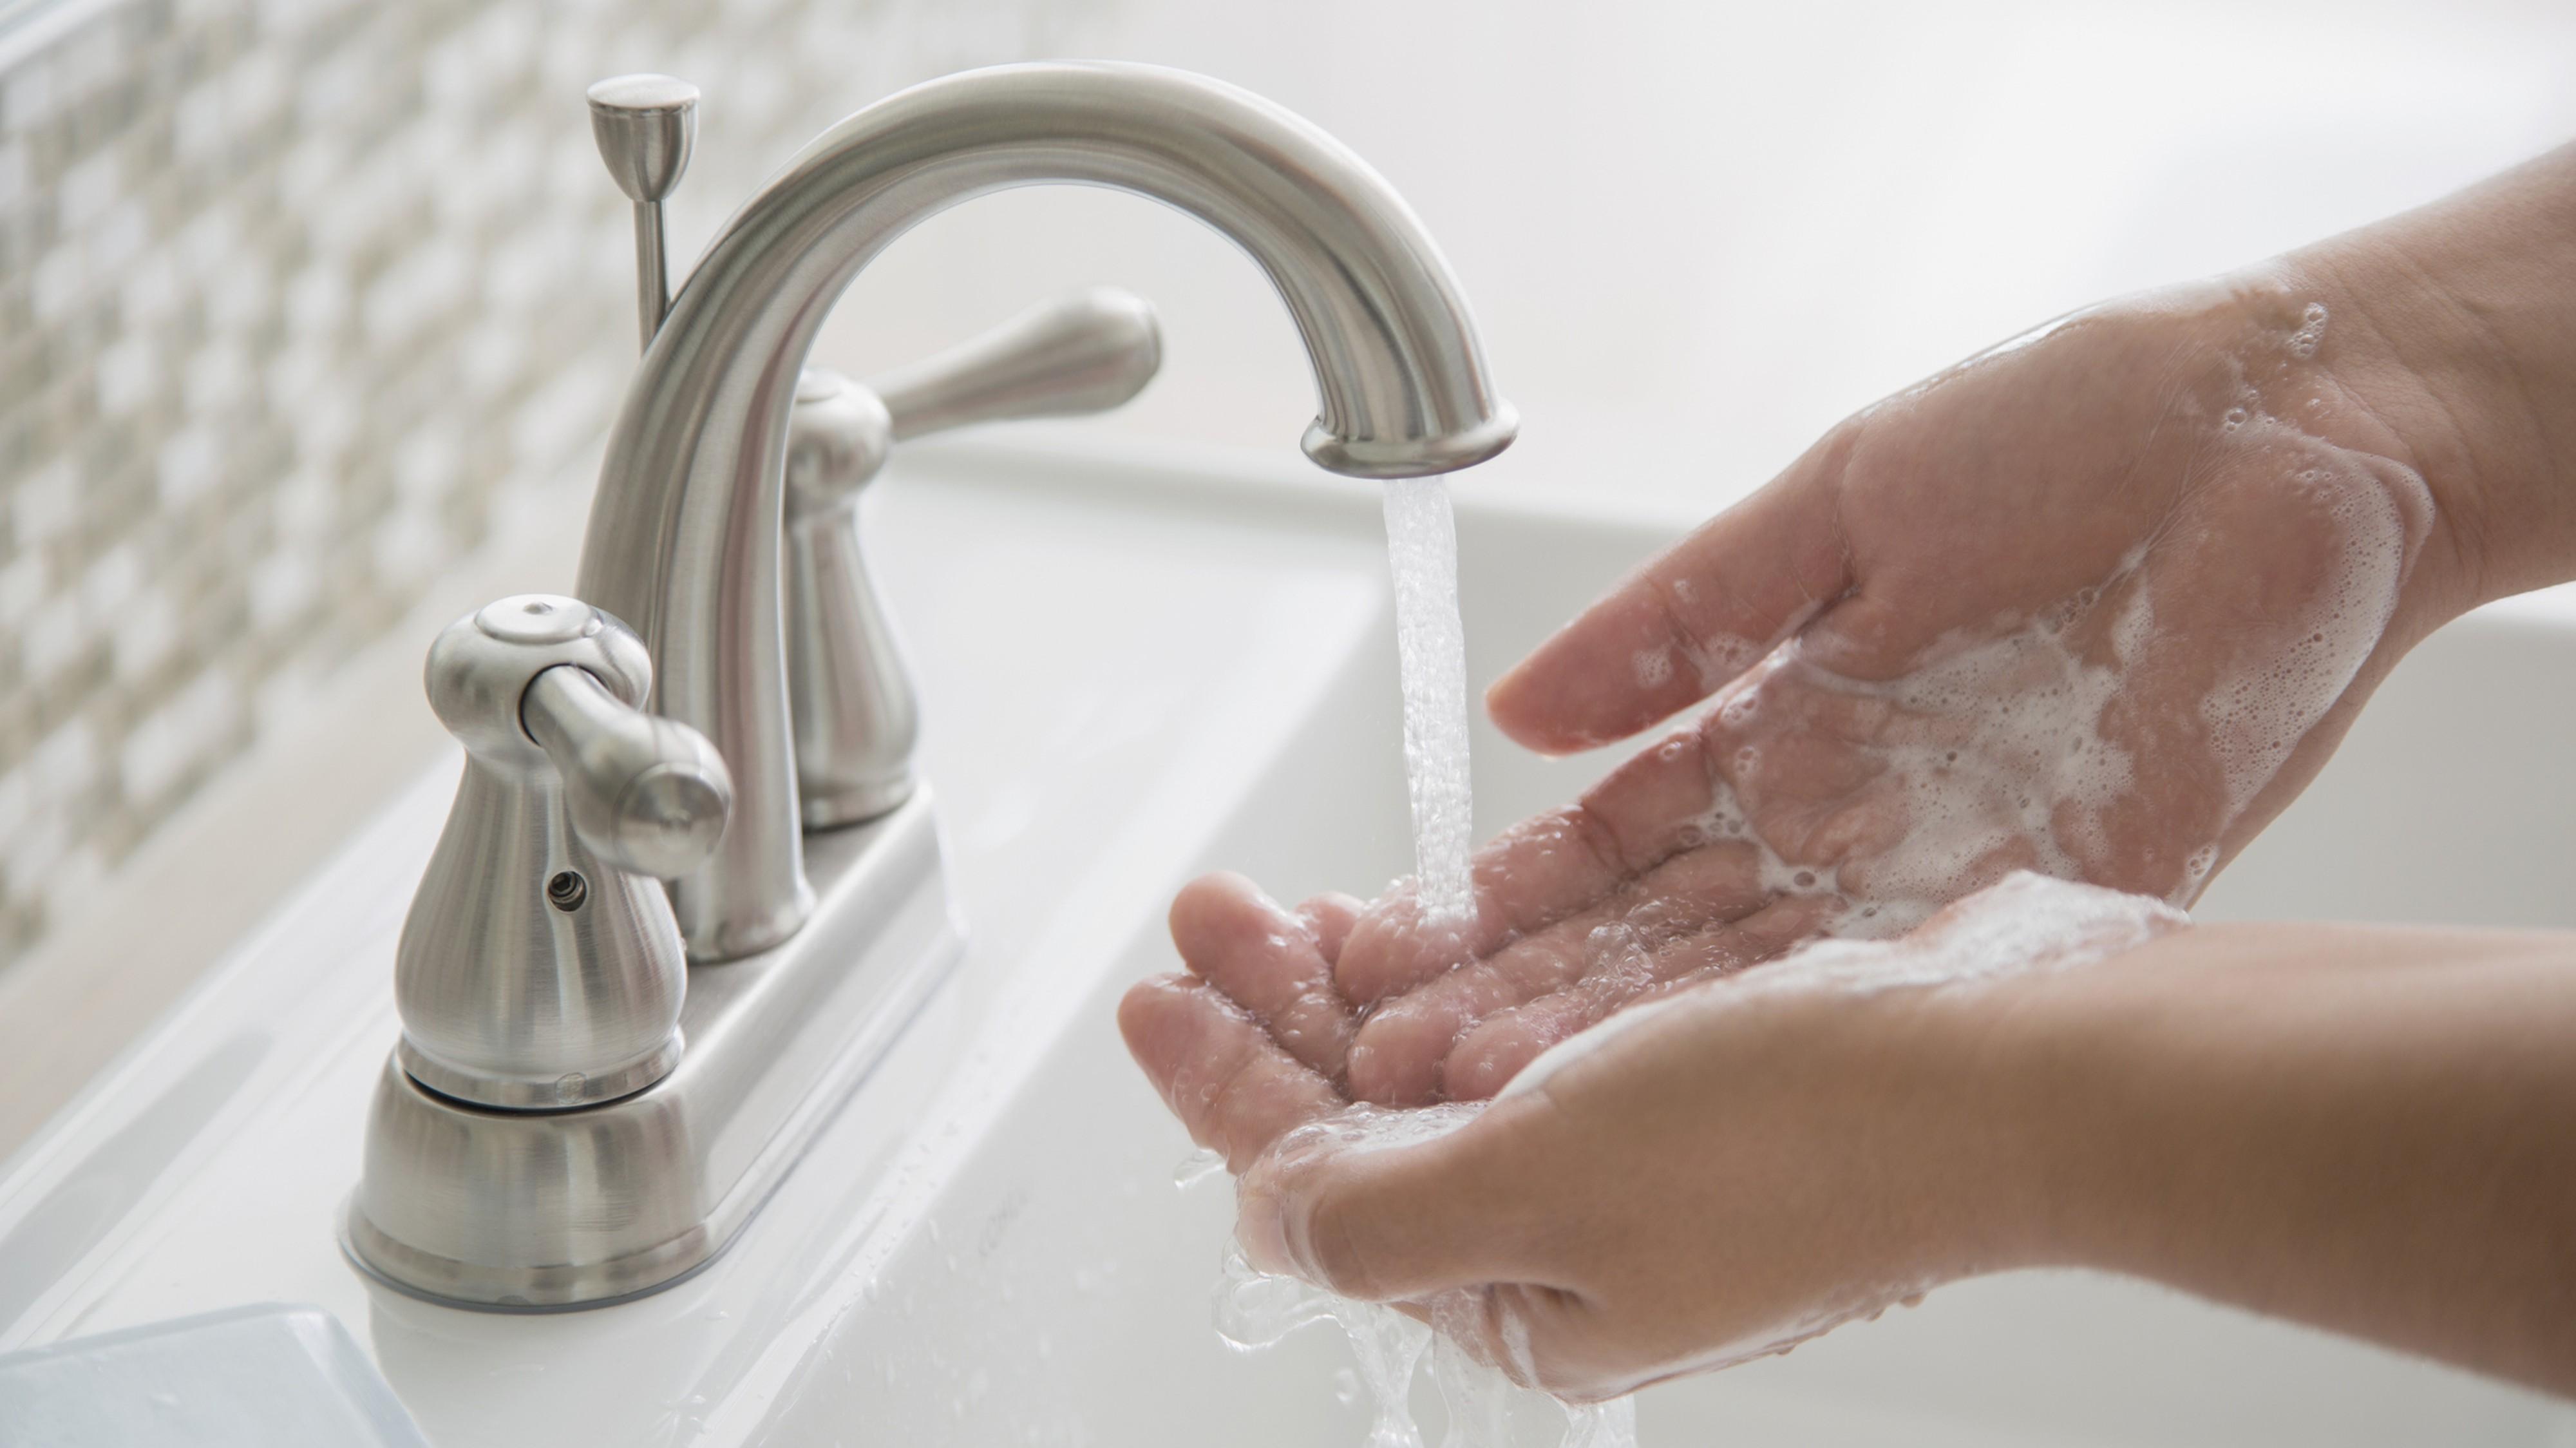 Diese Fehler beim Händewaschen solltest du vermeiden